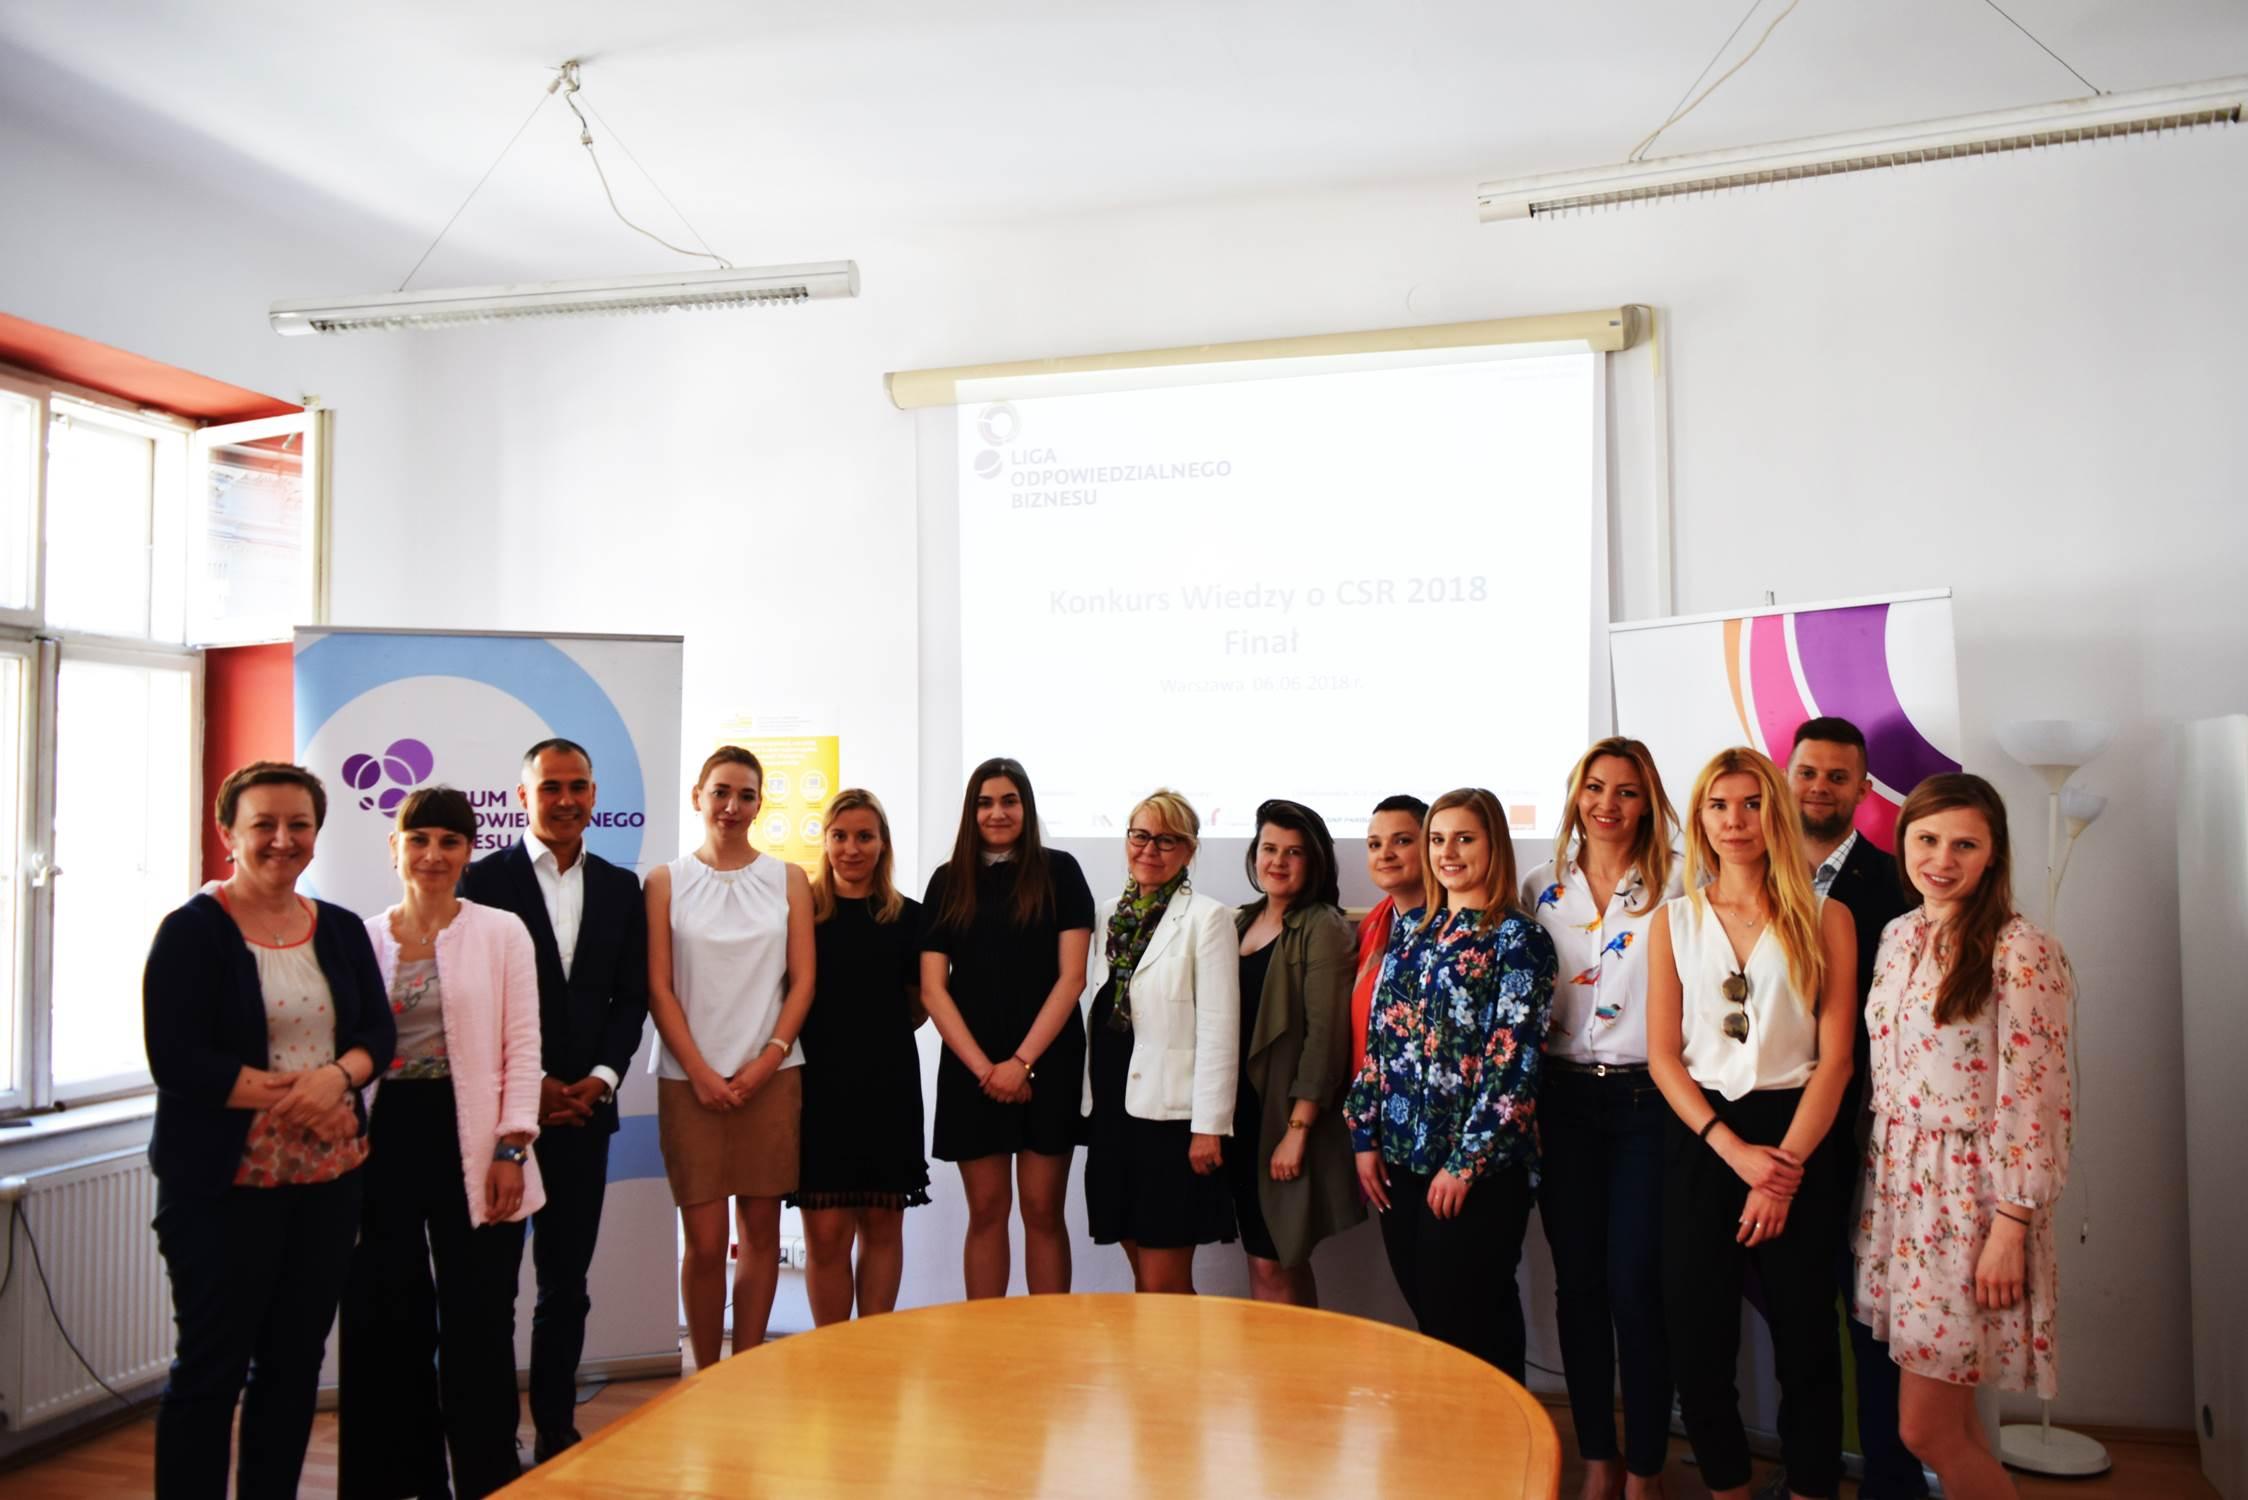 Znamy laureatów 7. edycji Ogólnopolskiego Konkursu wiedzy o CSR